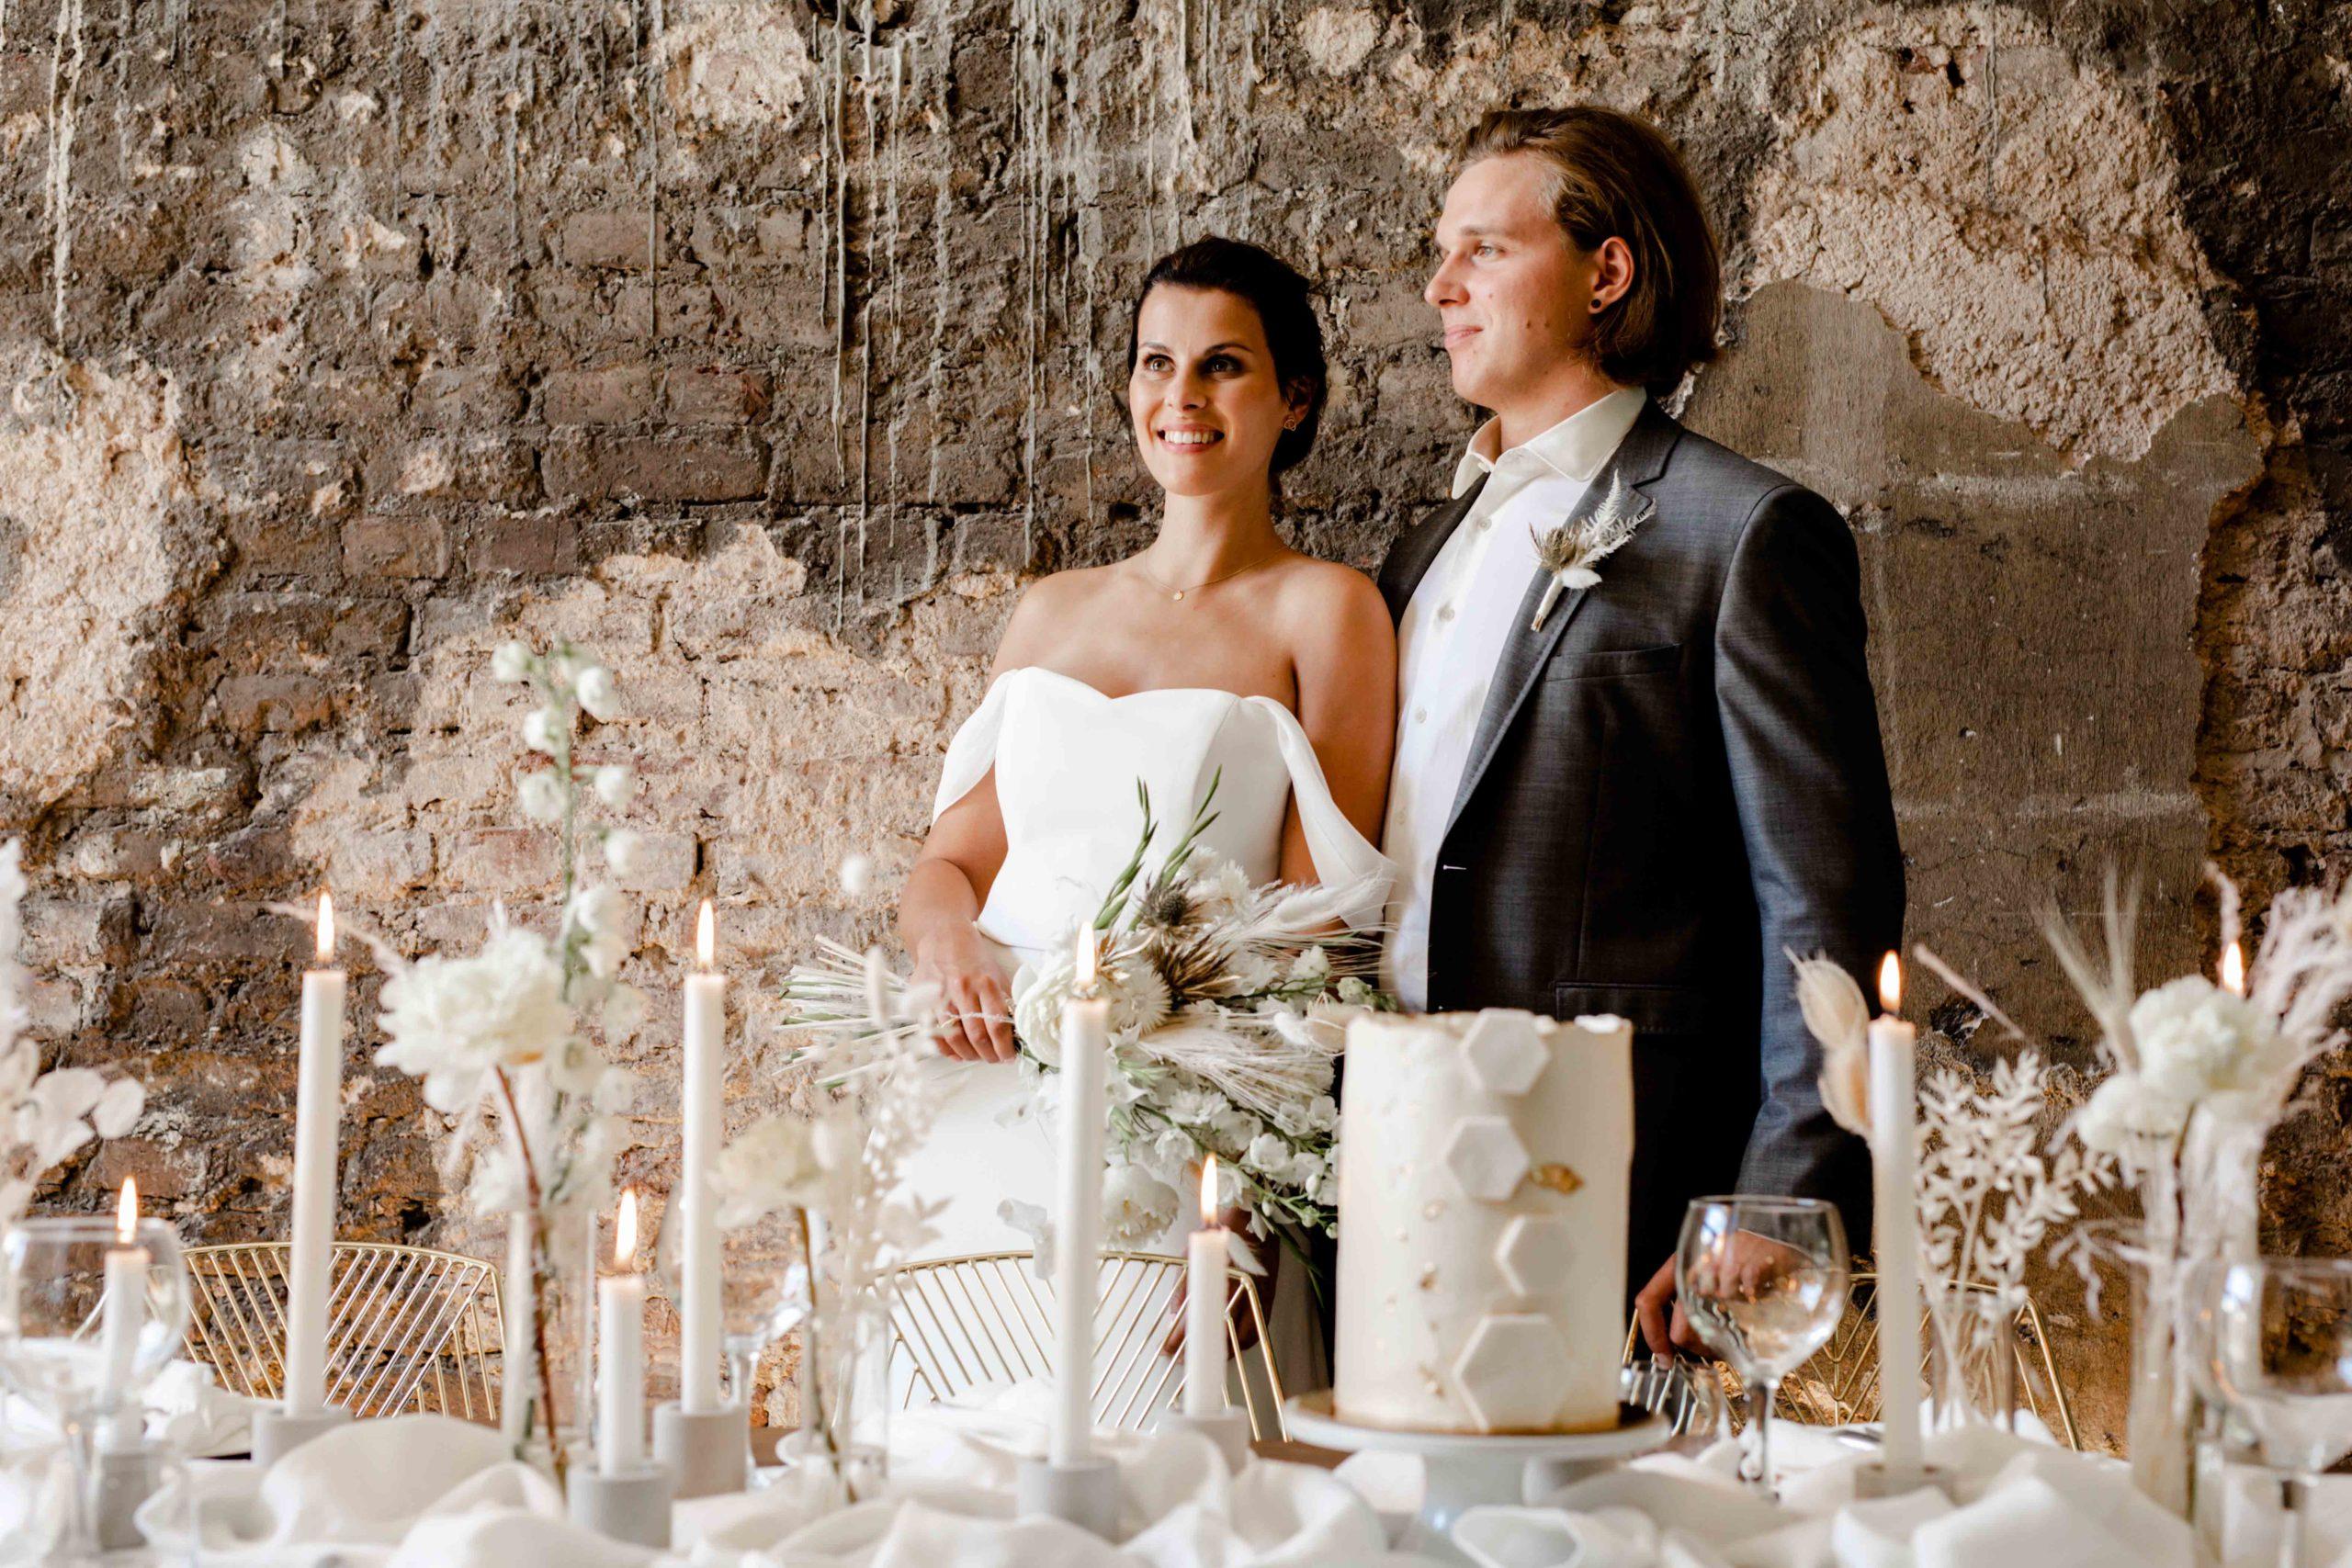 Styled Shoot für Hochzeitsinspiration, Model-Brautpaar an Hochzeitstafel mit weißer Tischdekoration, Naked Cake, Kerzenleuchtern und Trockenblumen